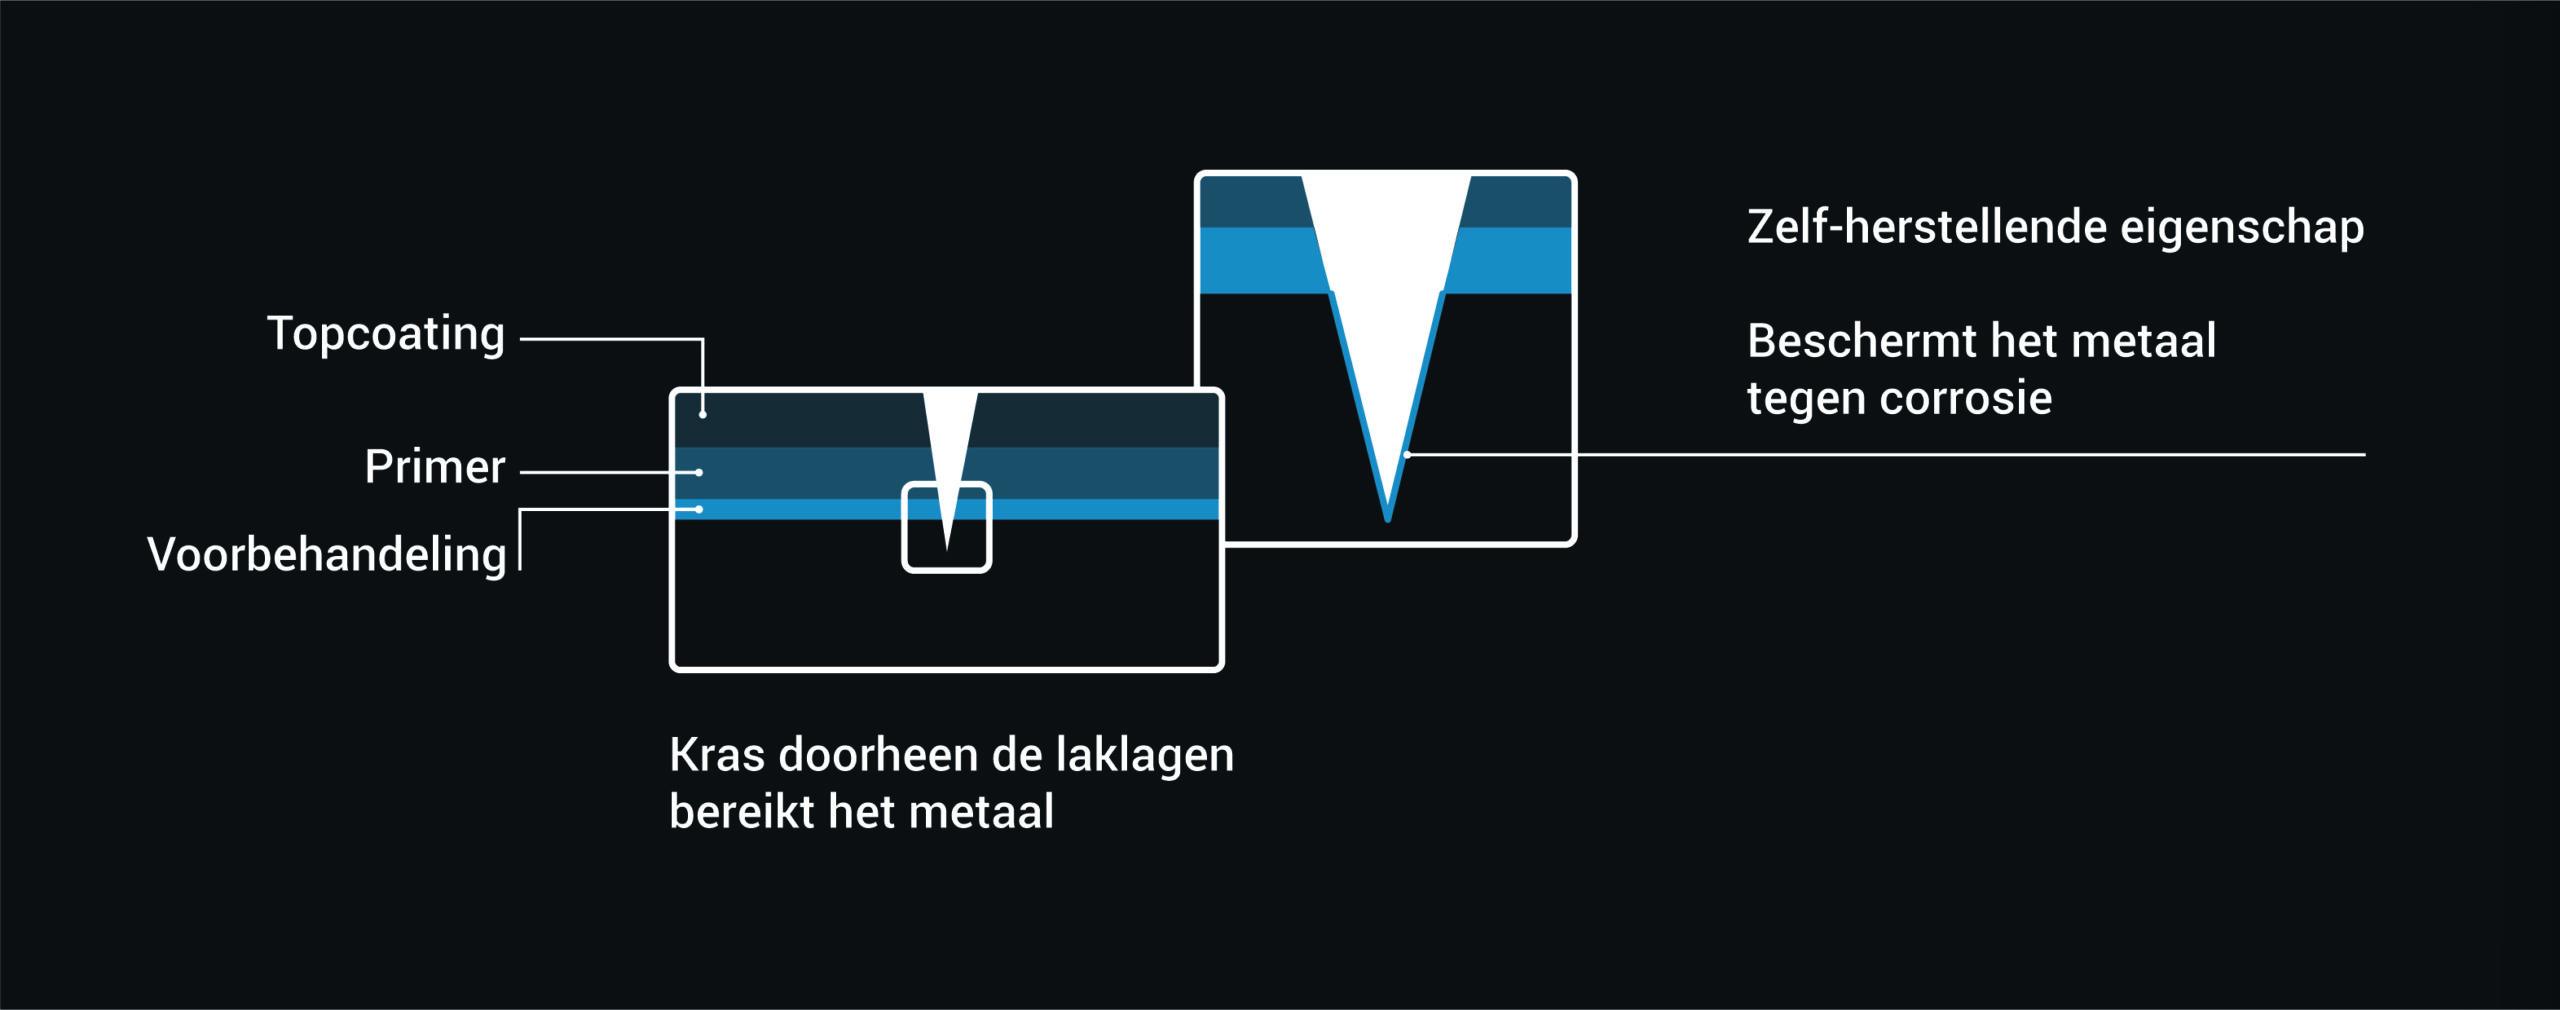 HLT - poederlakken-schema-01-01